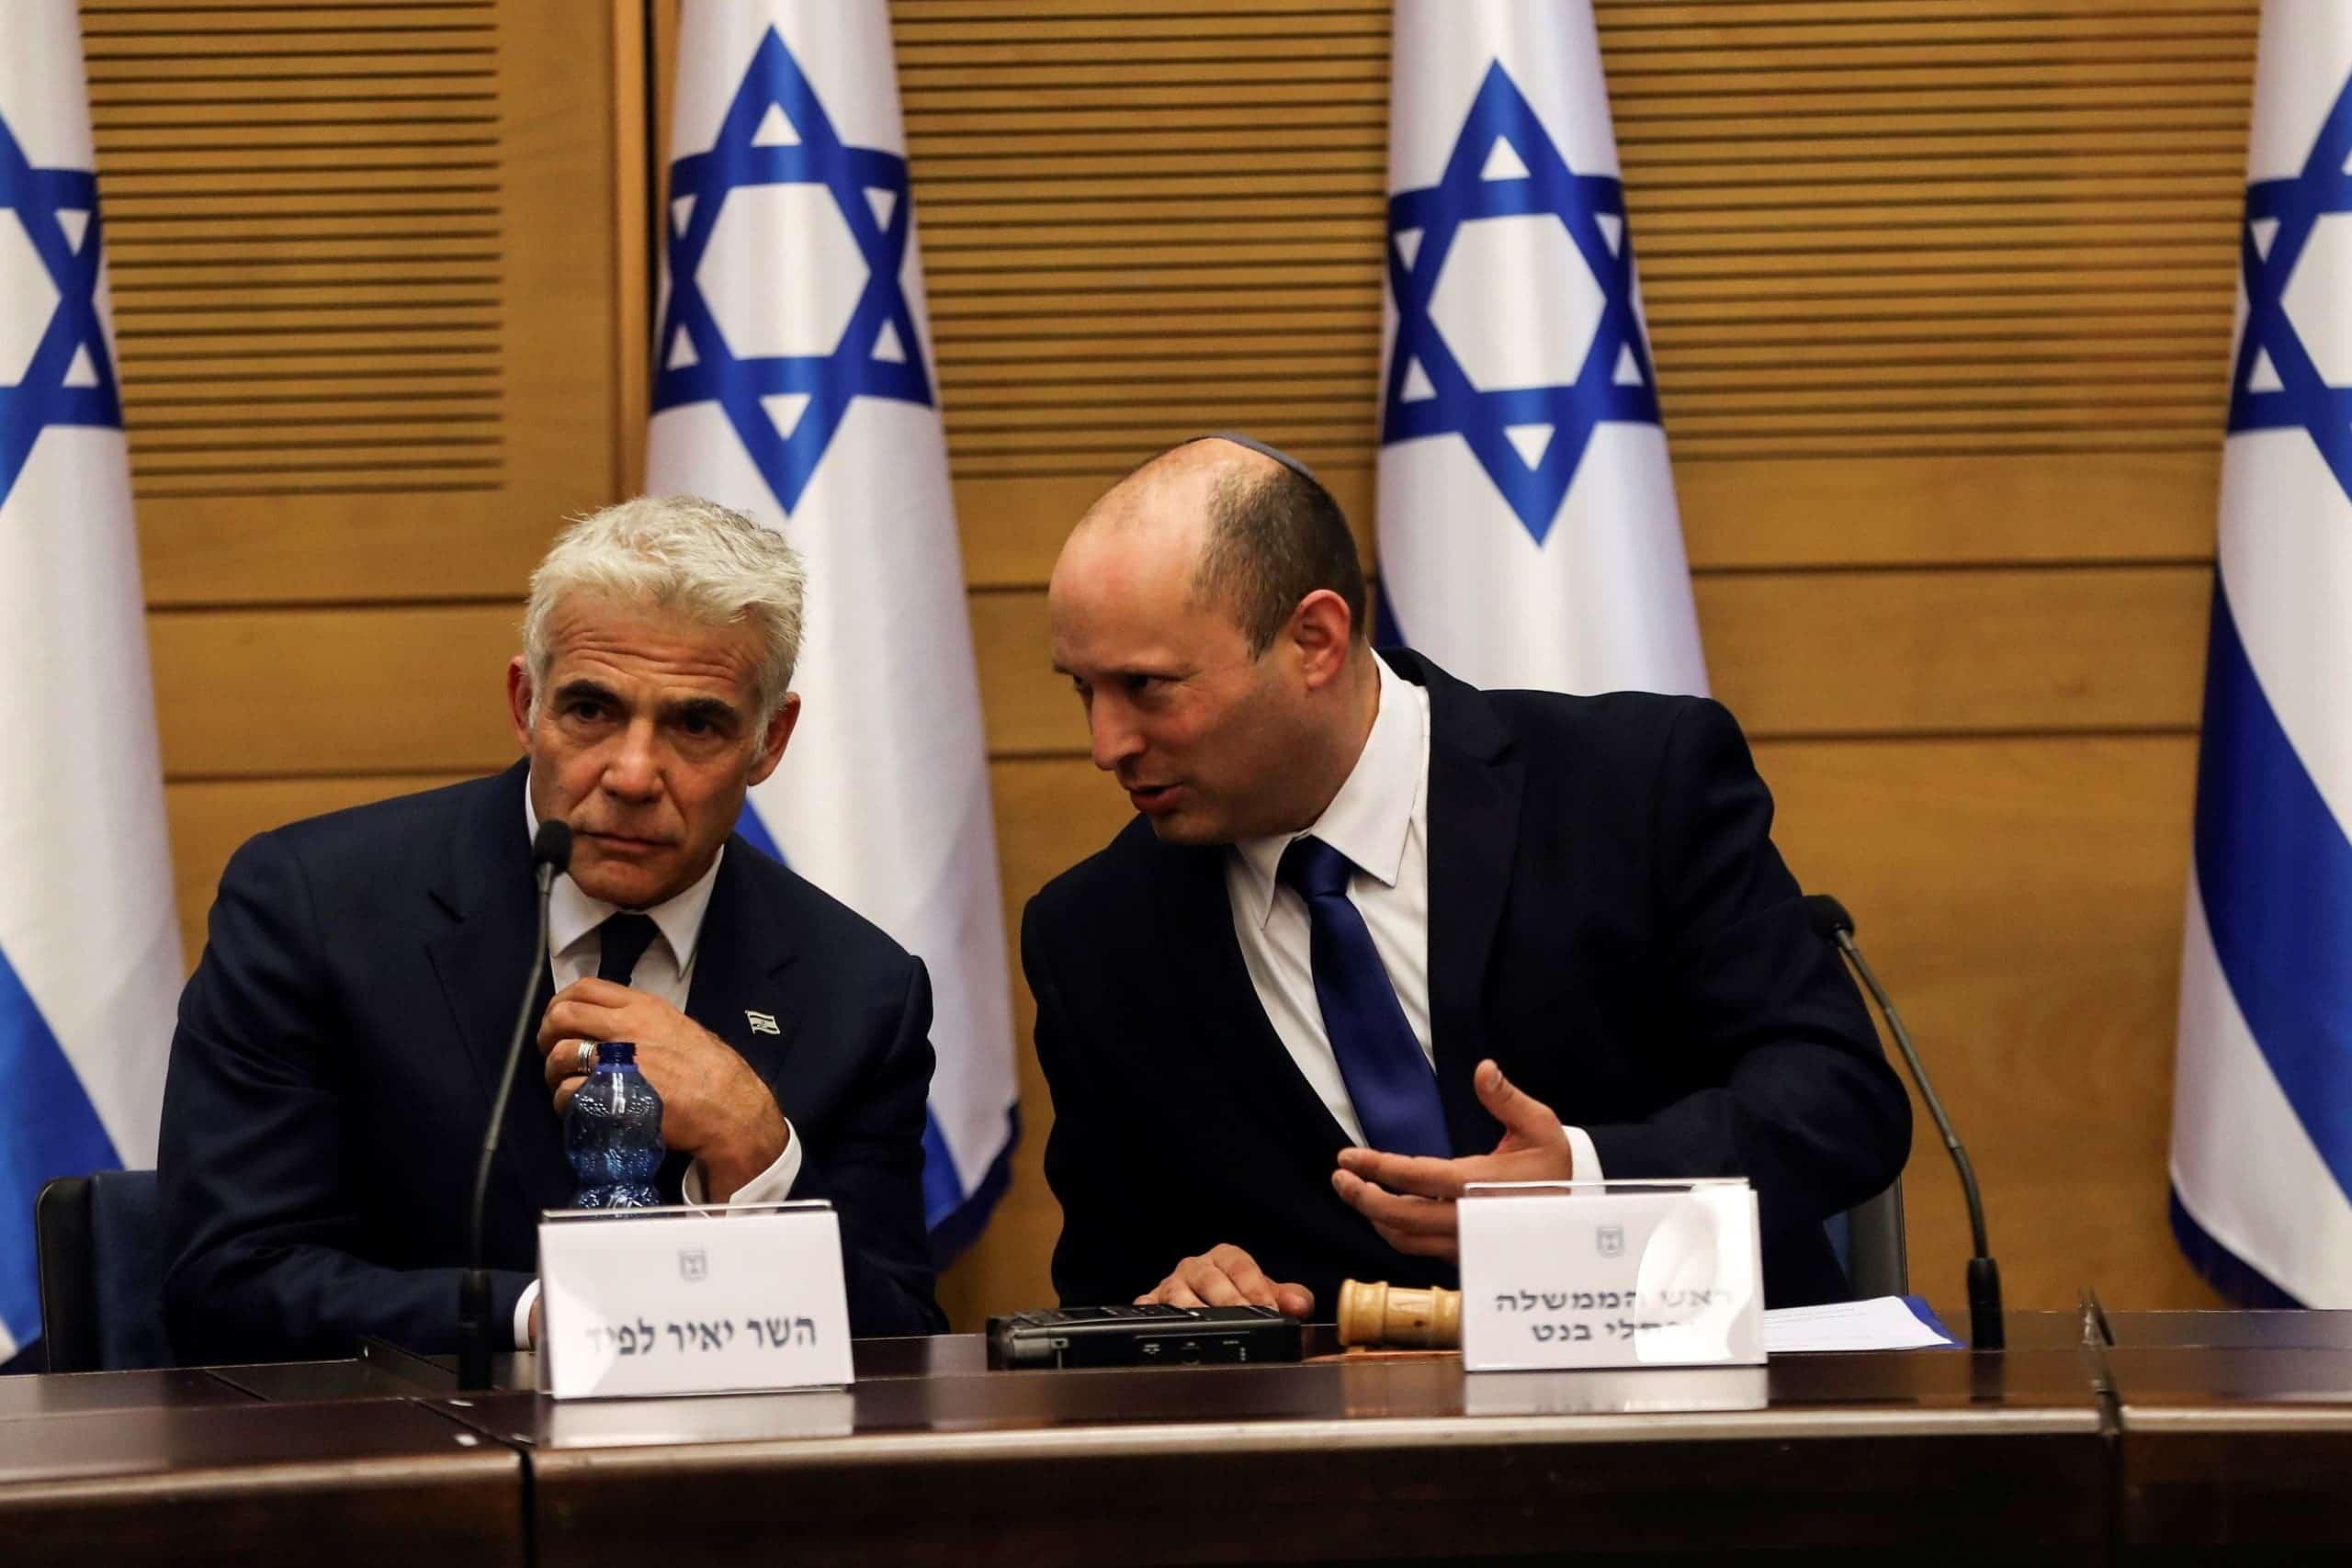 يائير لابيد وزير خارجية إسرائيل يزور الإمارات قريباً ويلتقي نظيره عبد الله بن زايد